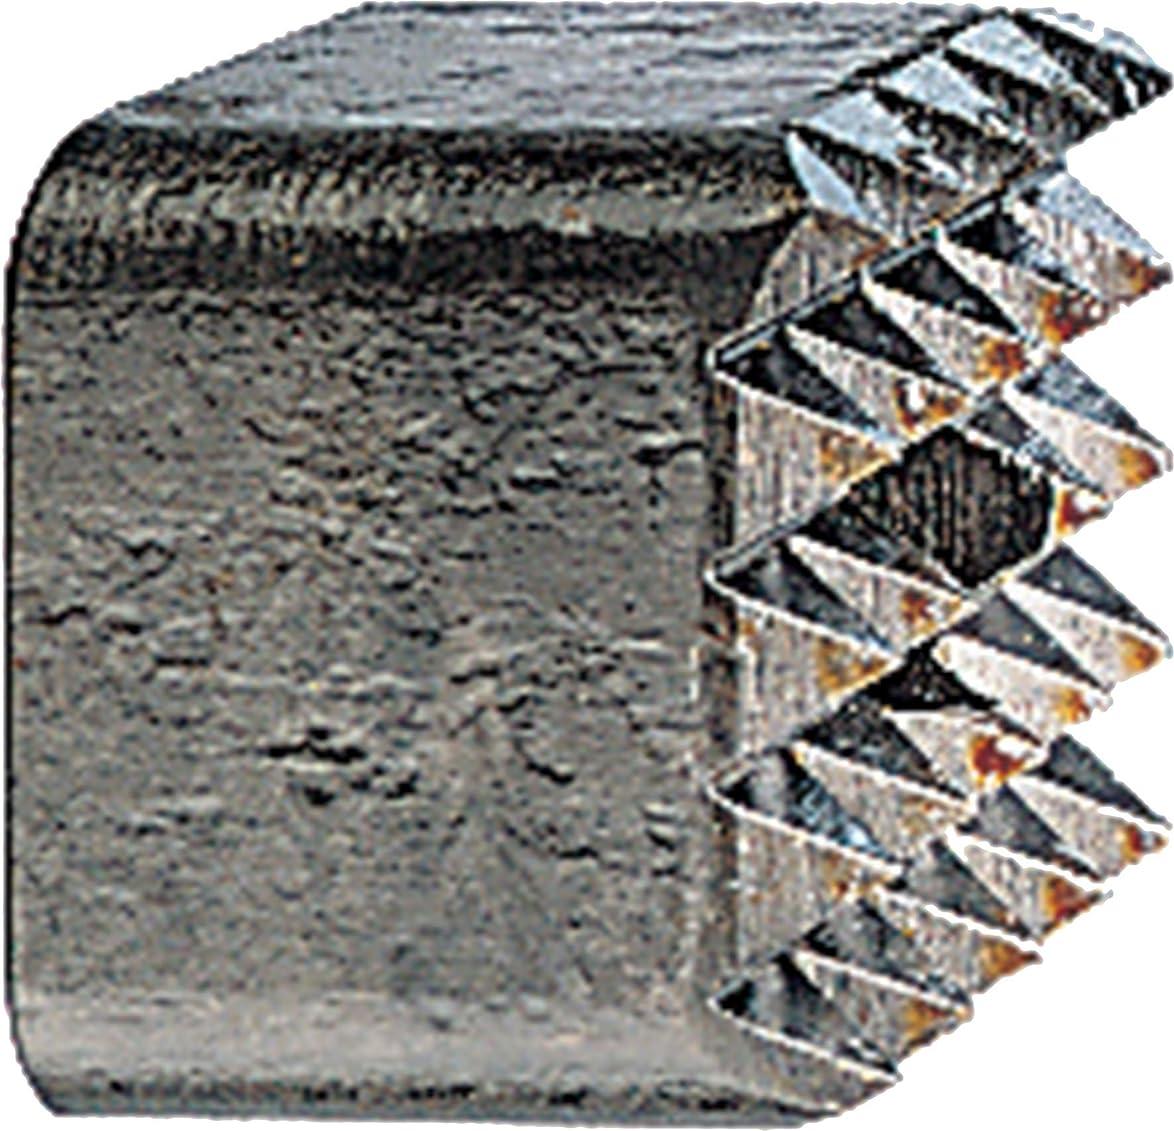 に麦芽幻滅するBOSCH(ボッシュ)  ビシャン60x60mm  MAXBS-60